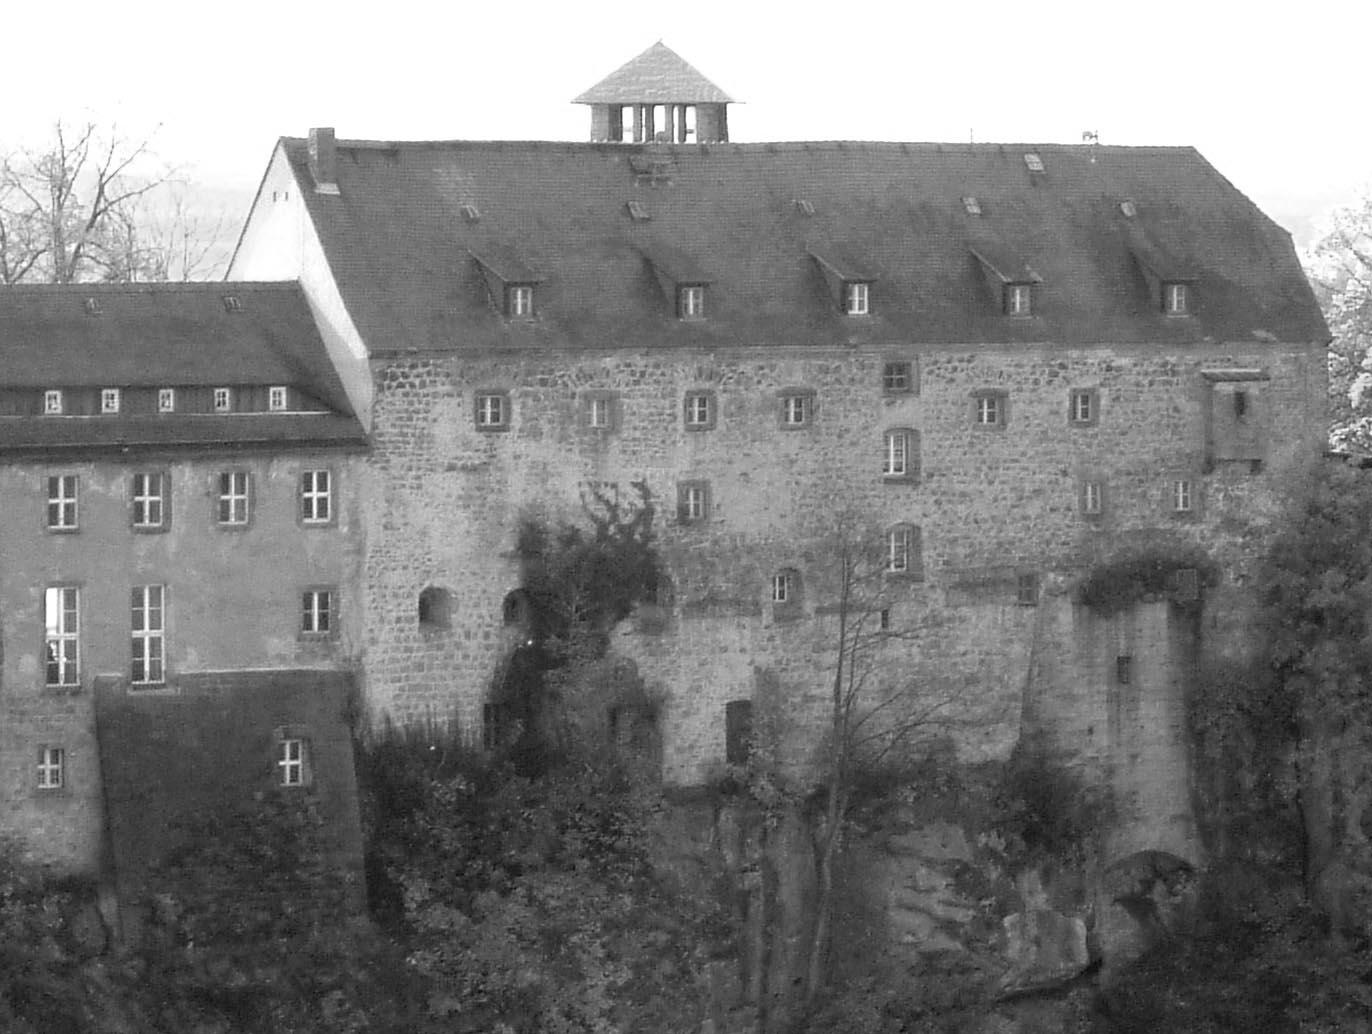 Blachstein